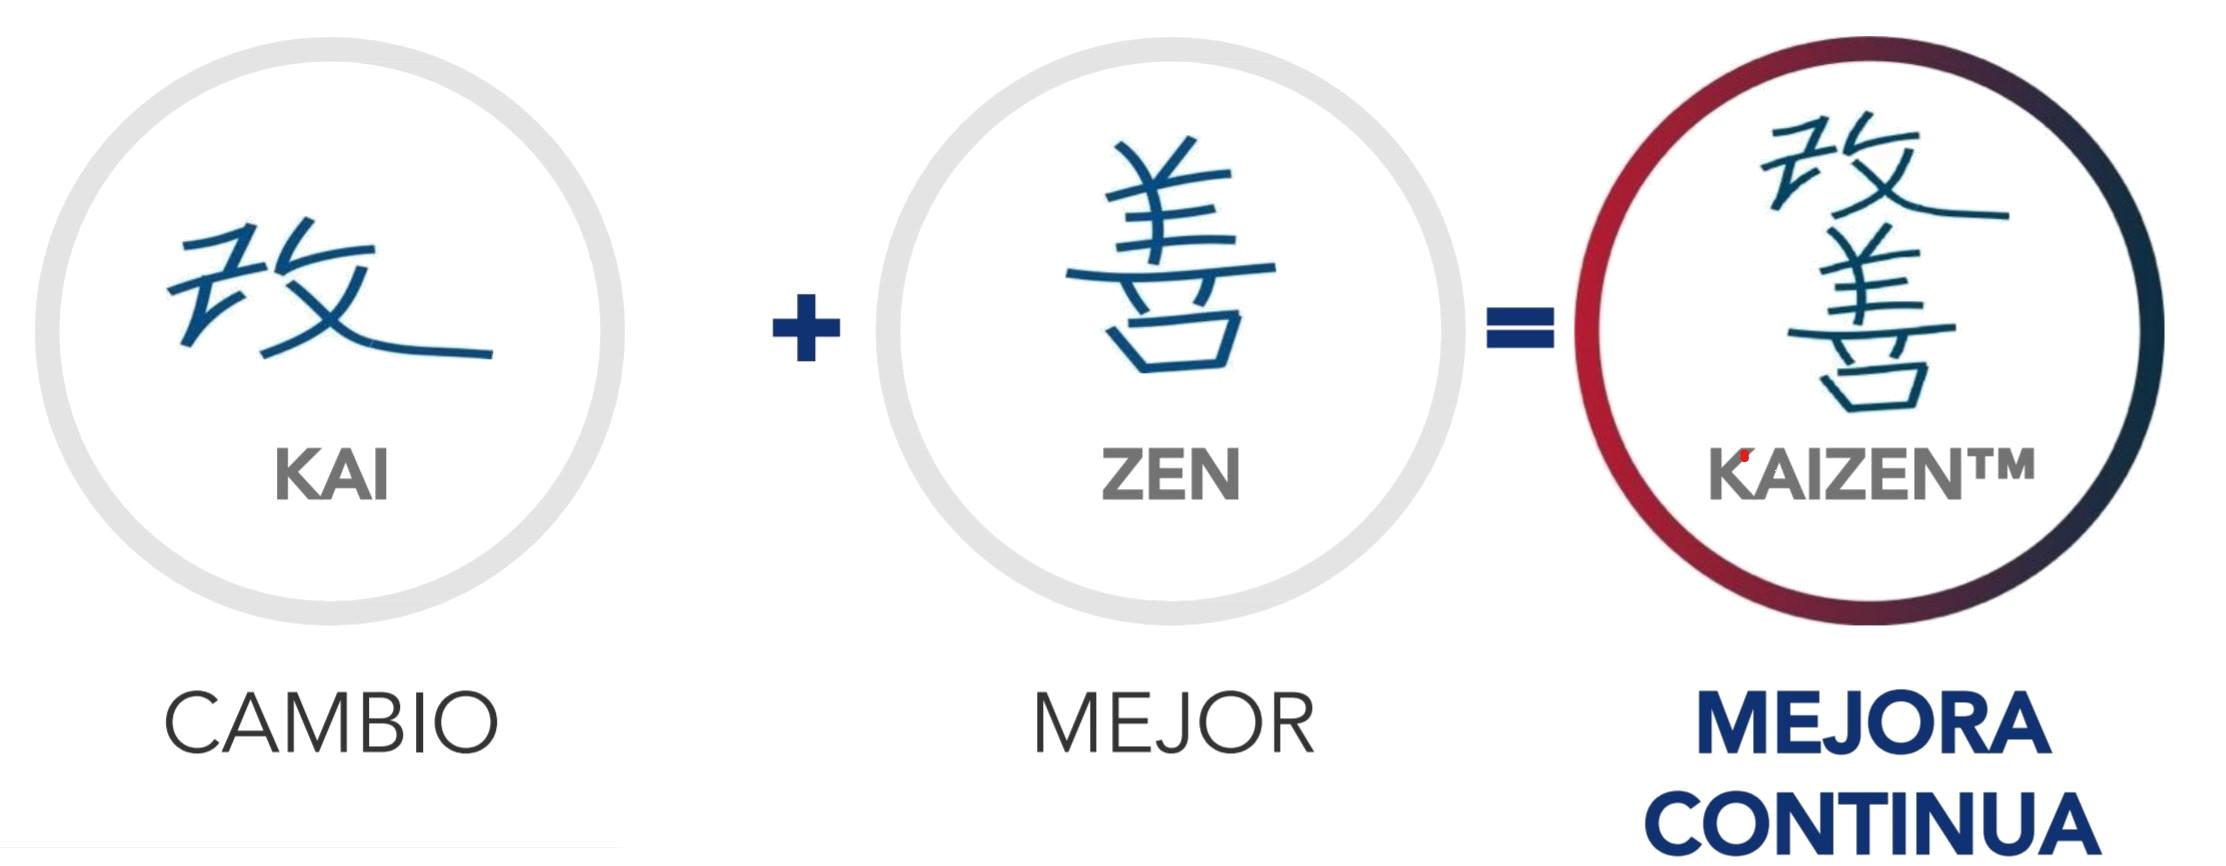 Kaizen: cambio + mejor